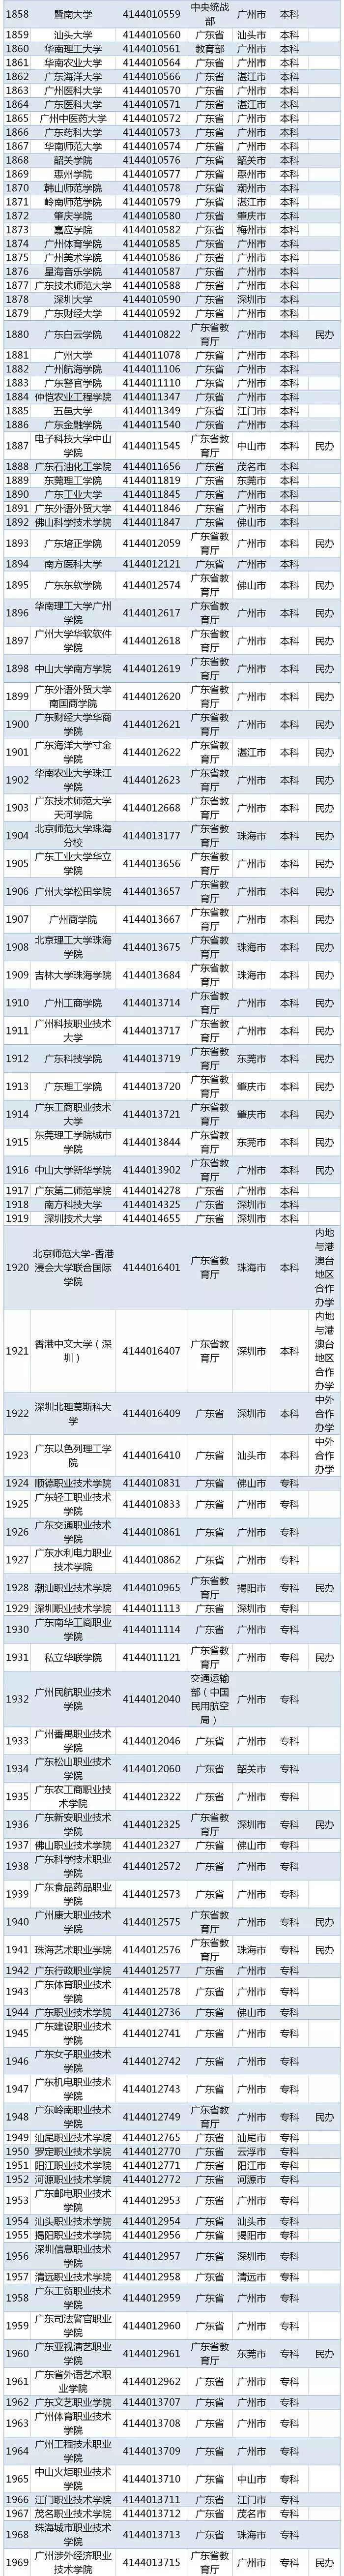 2019年全国高等学校名单